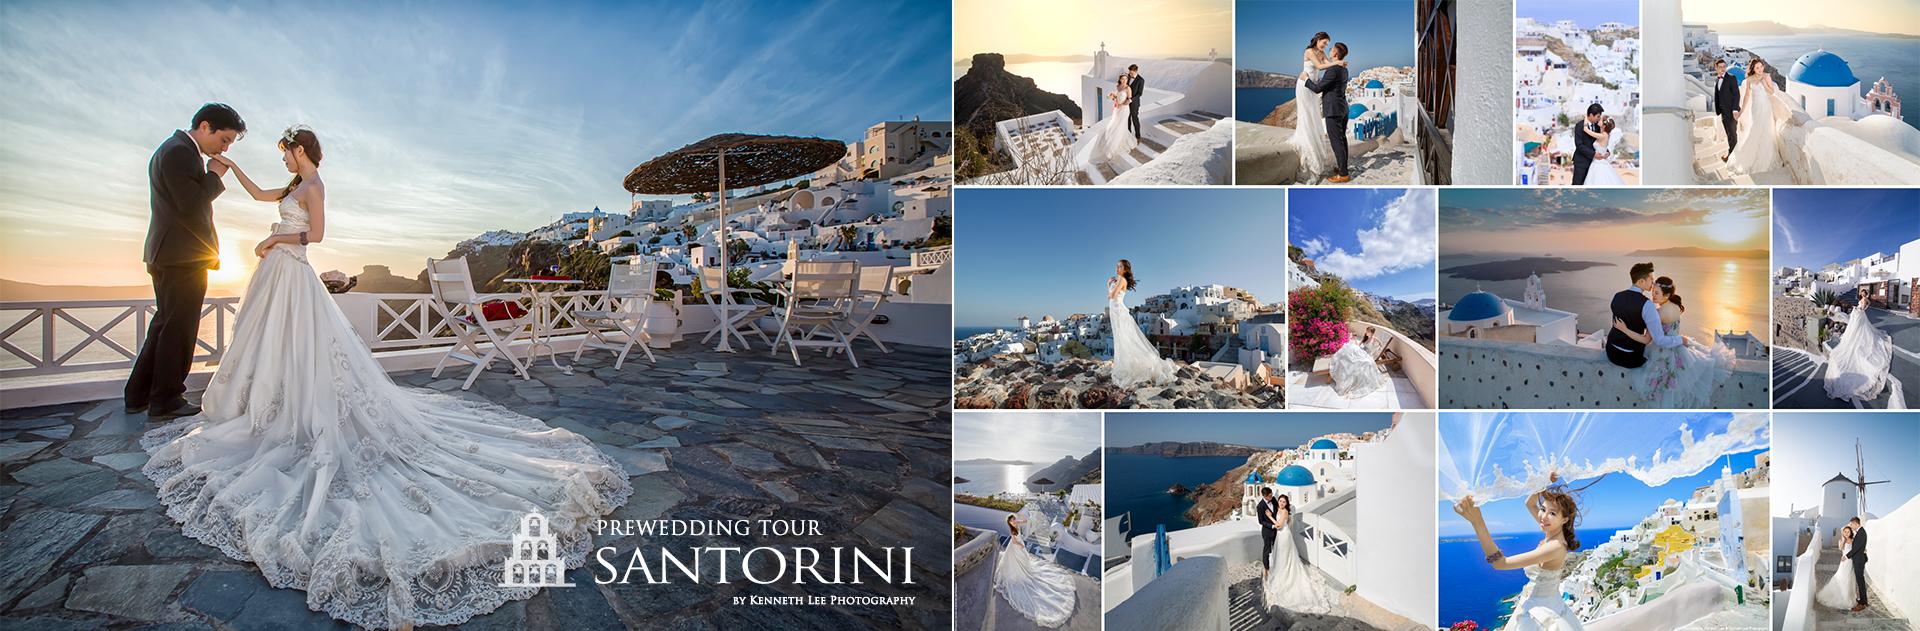 Santorini_Tour_Poster.jpg